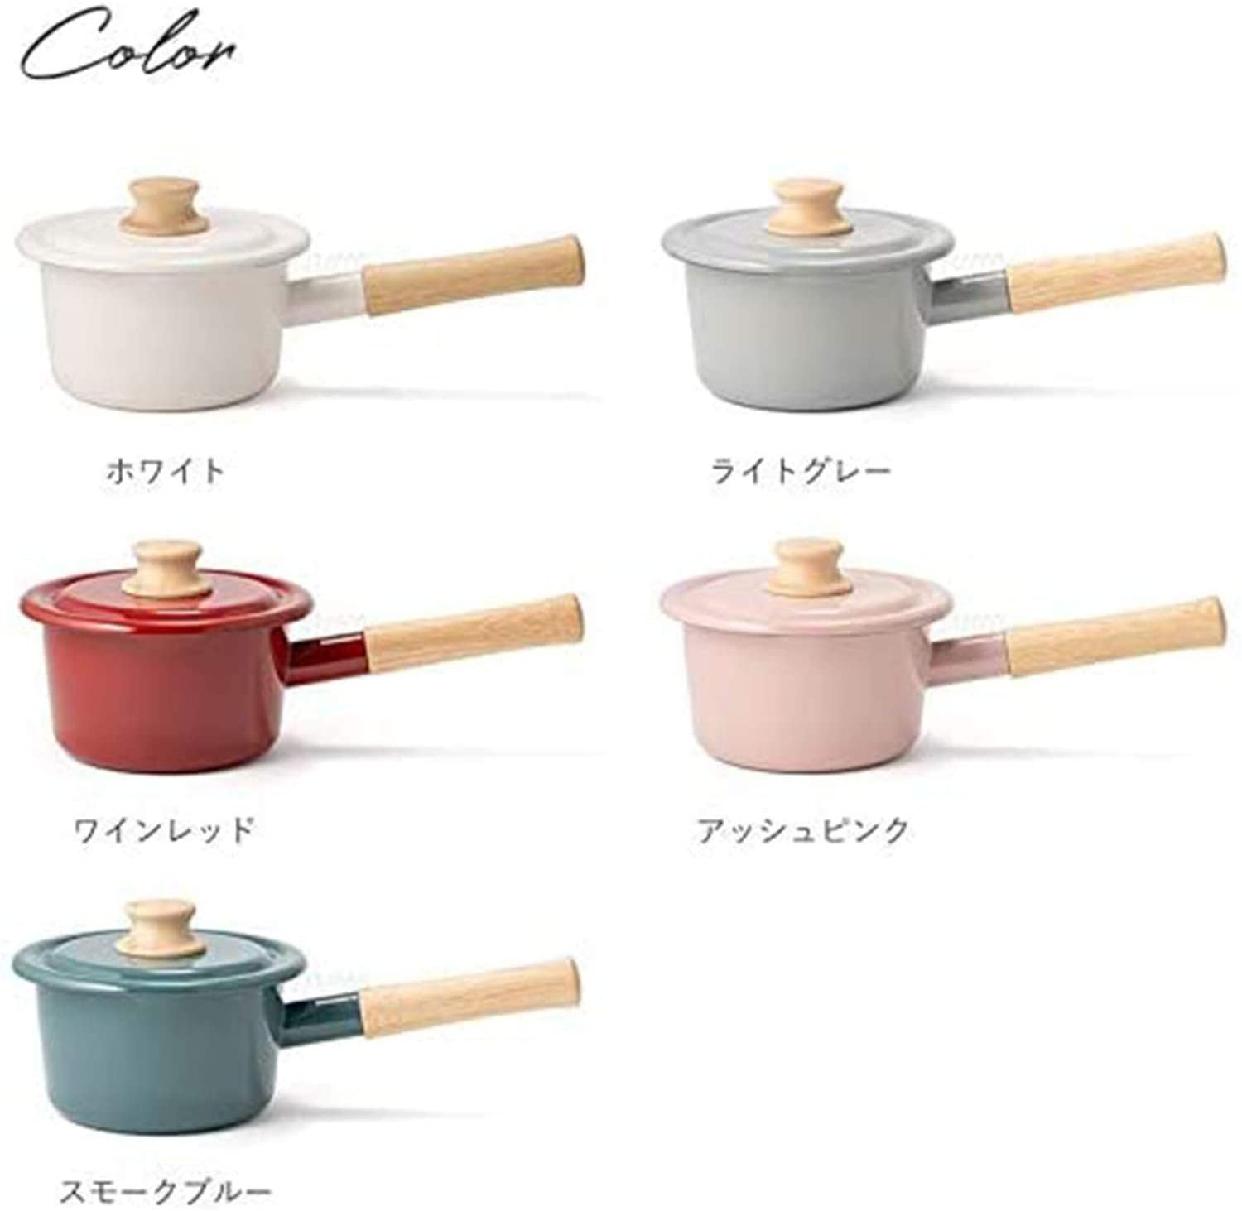 Cotton Series(コットンシリーズ)ミルクパン CTN14M.AP アッシュピンクの商品画像11